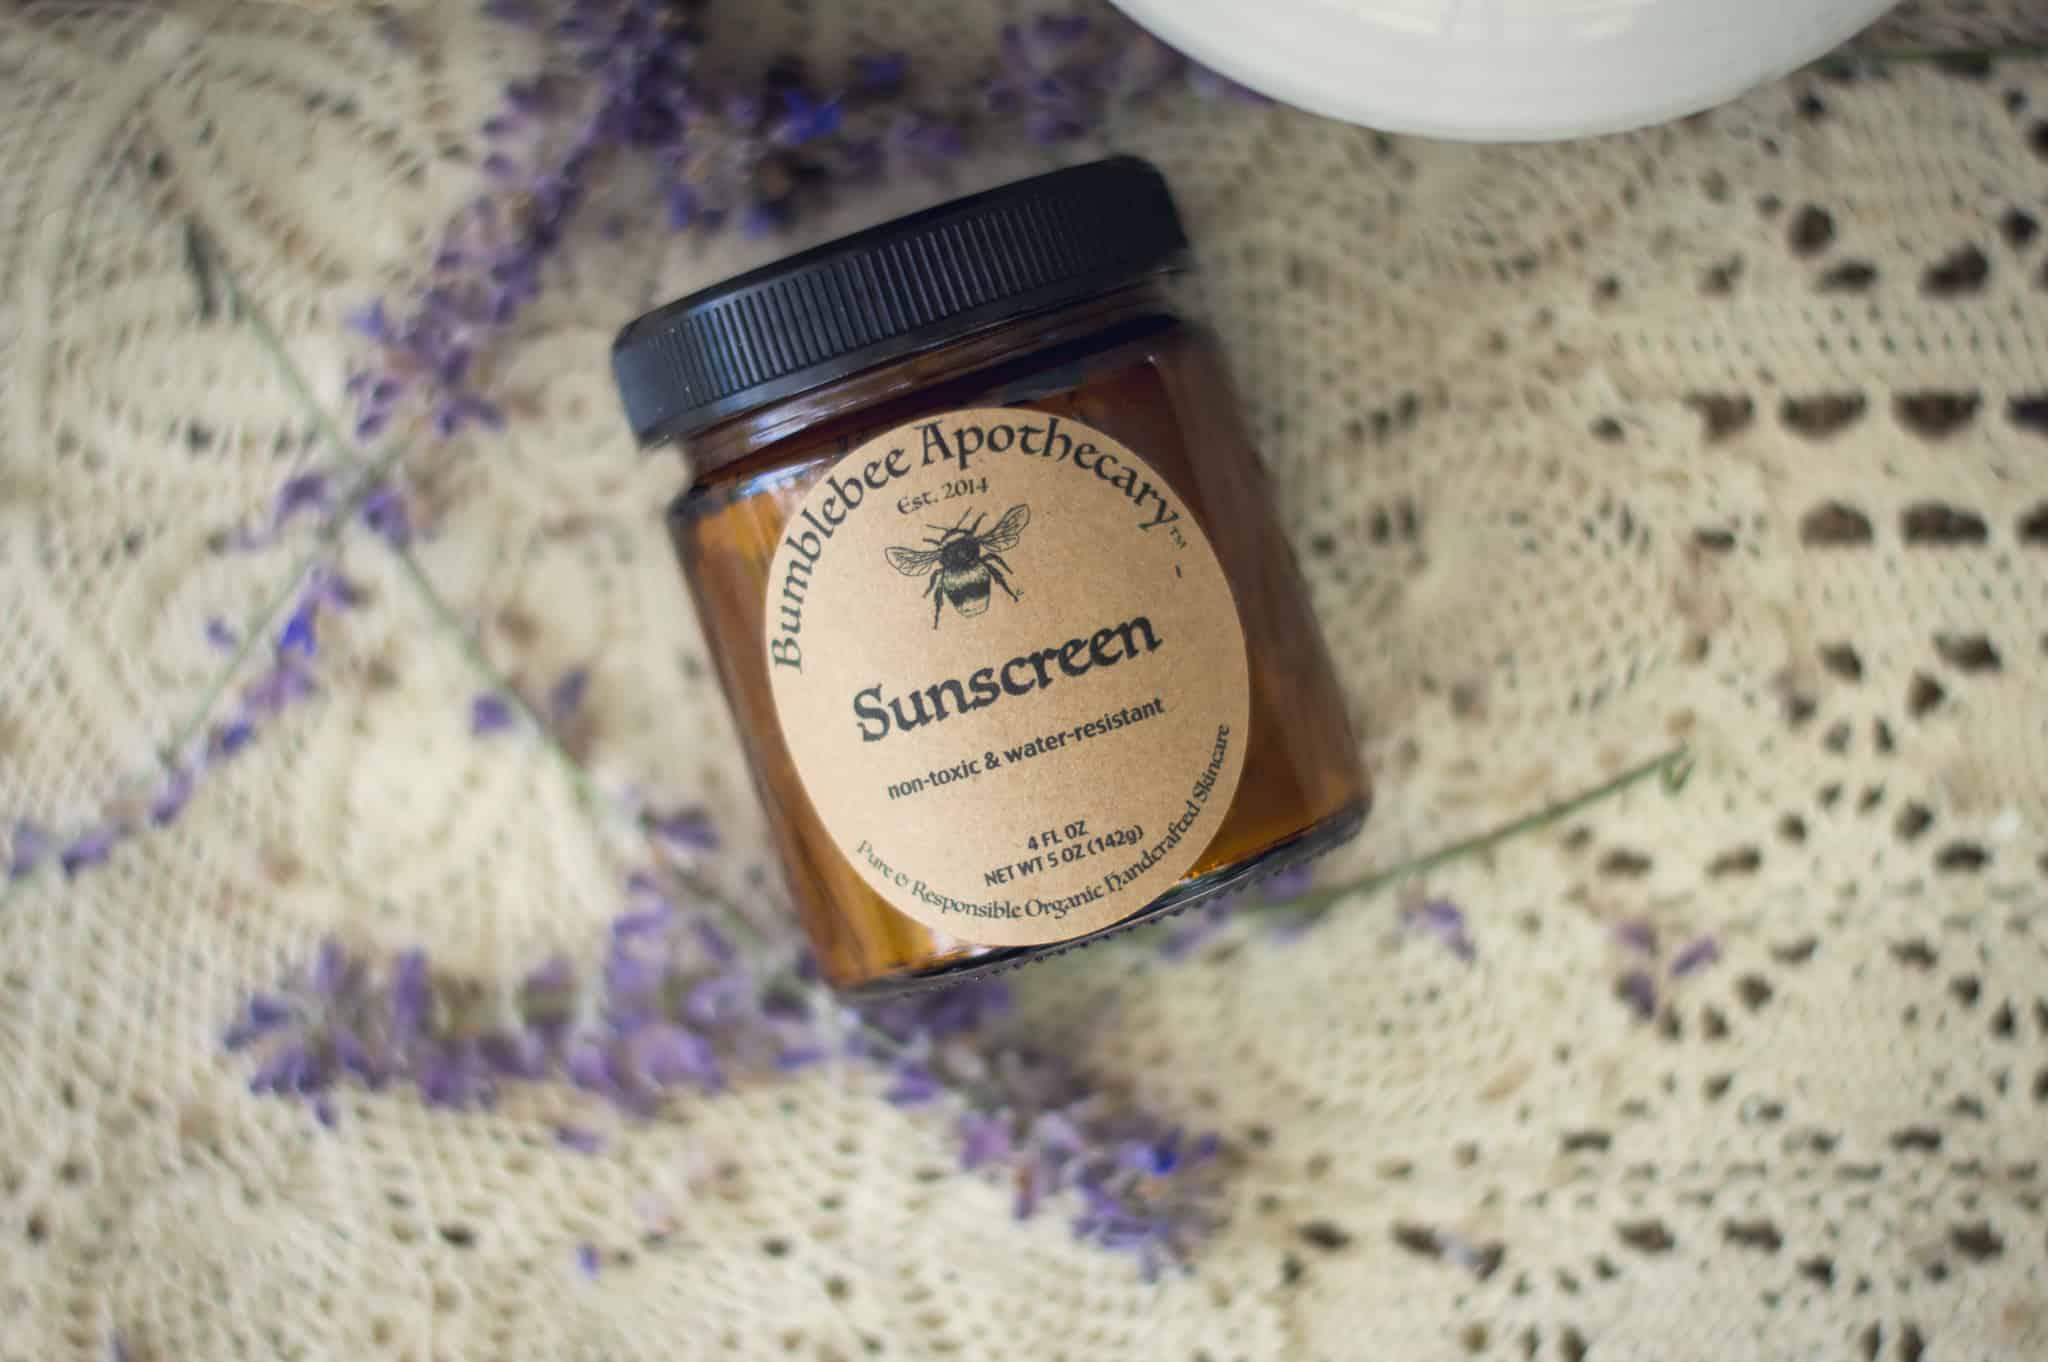 DIY natural sunscreen recipe safe for babies